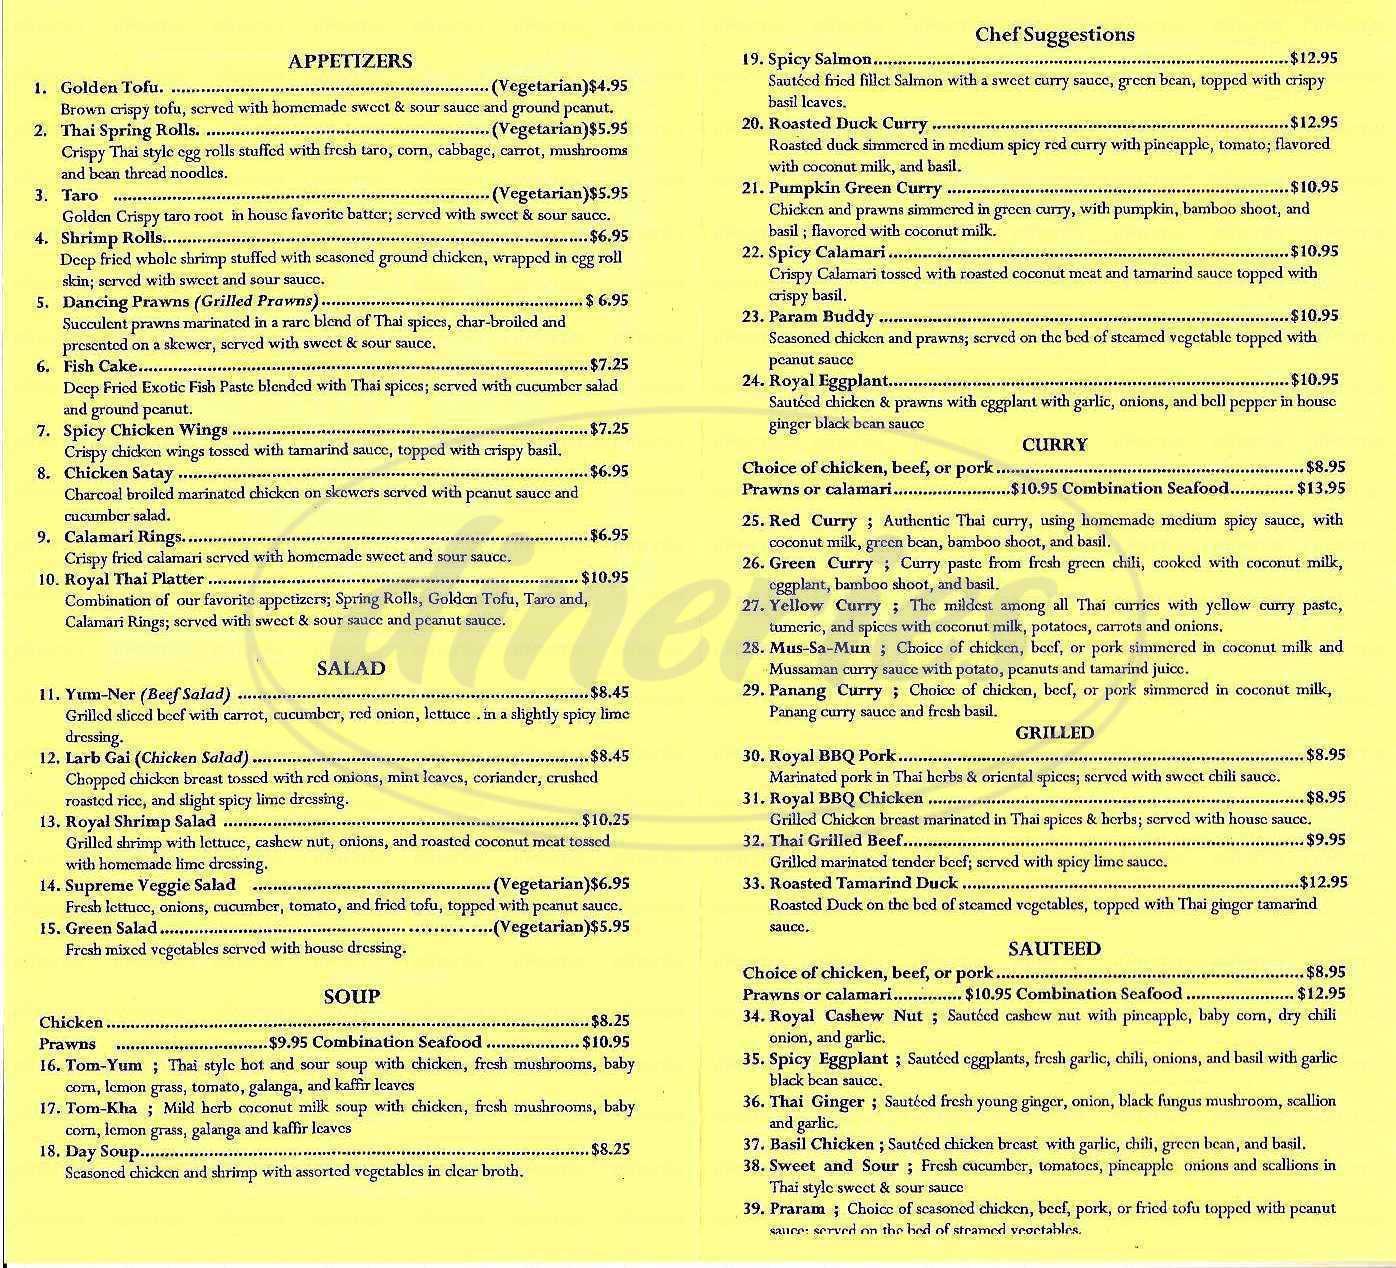 menu for Royal Thai Palace